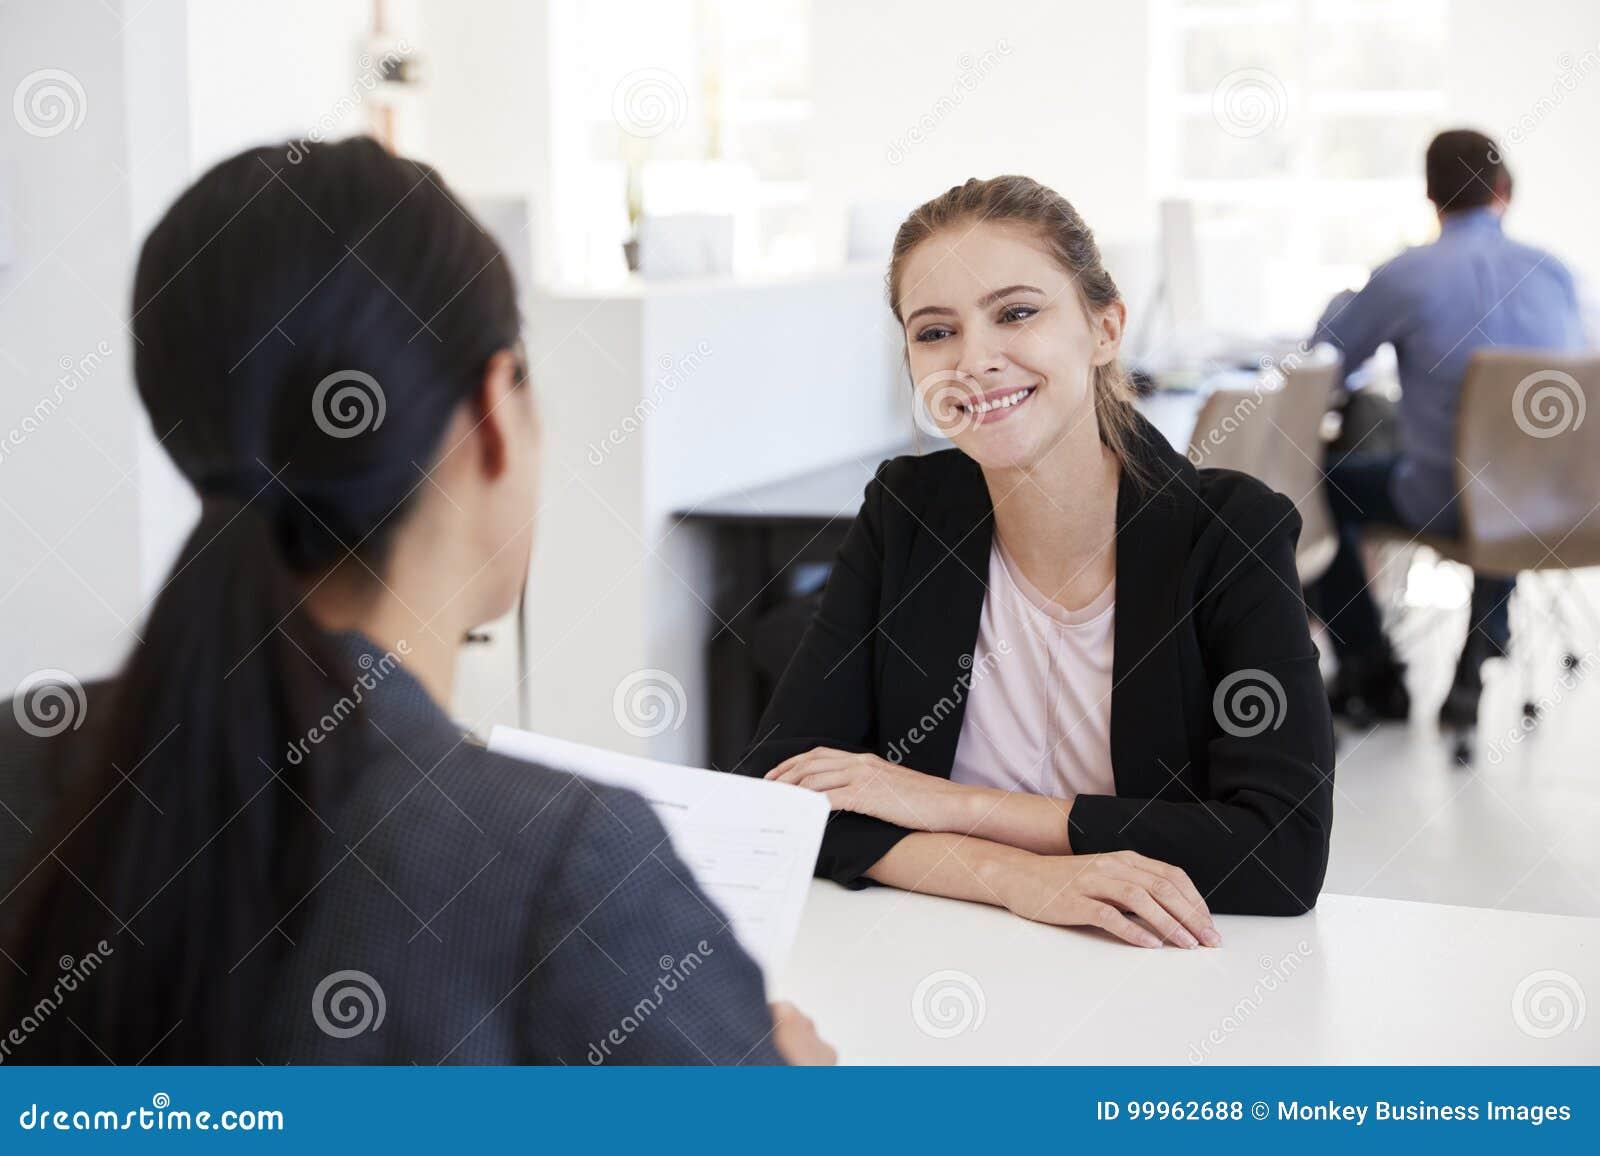 Två kvinnor som sitter på en intervju i ett öppet plankontor